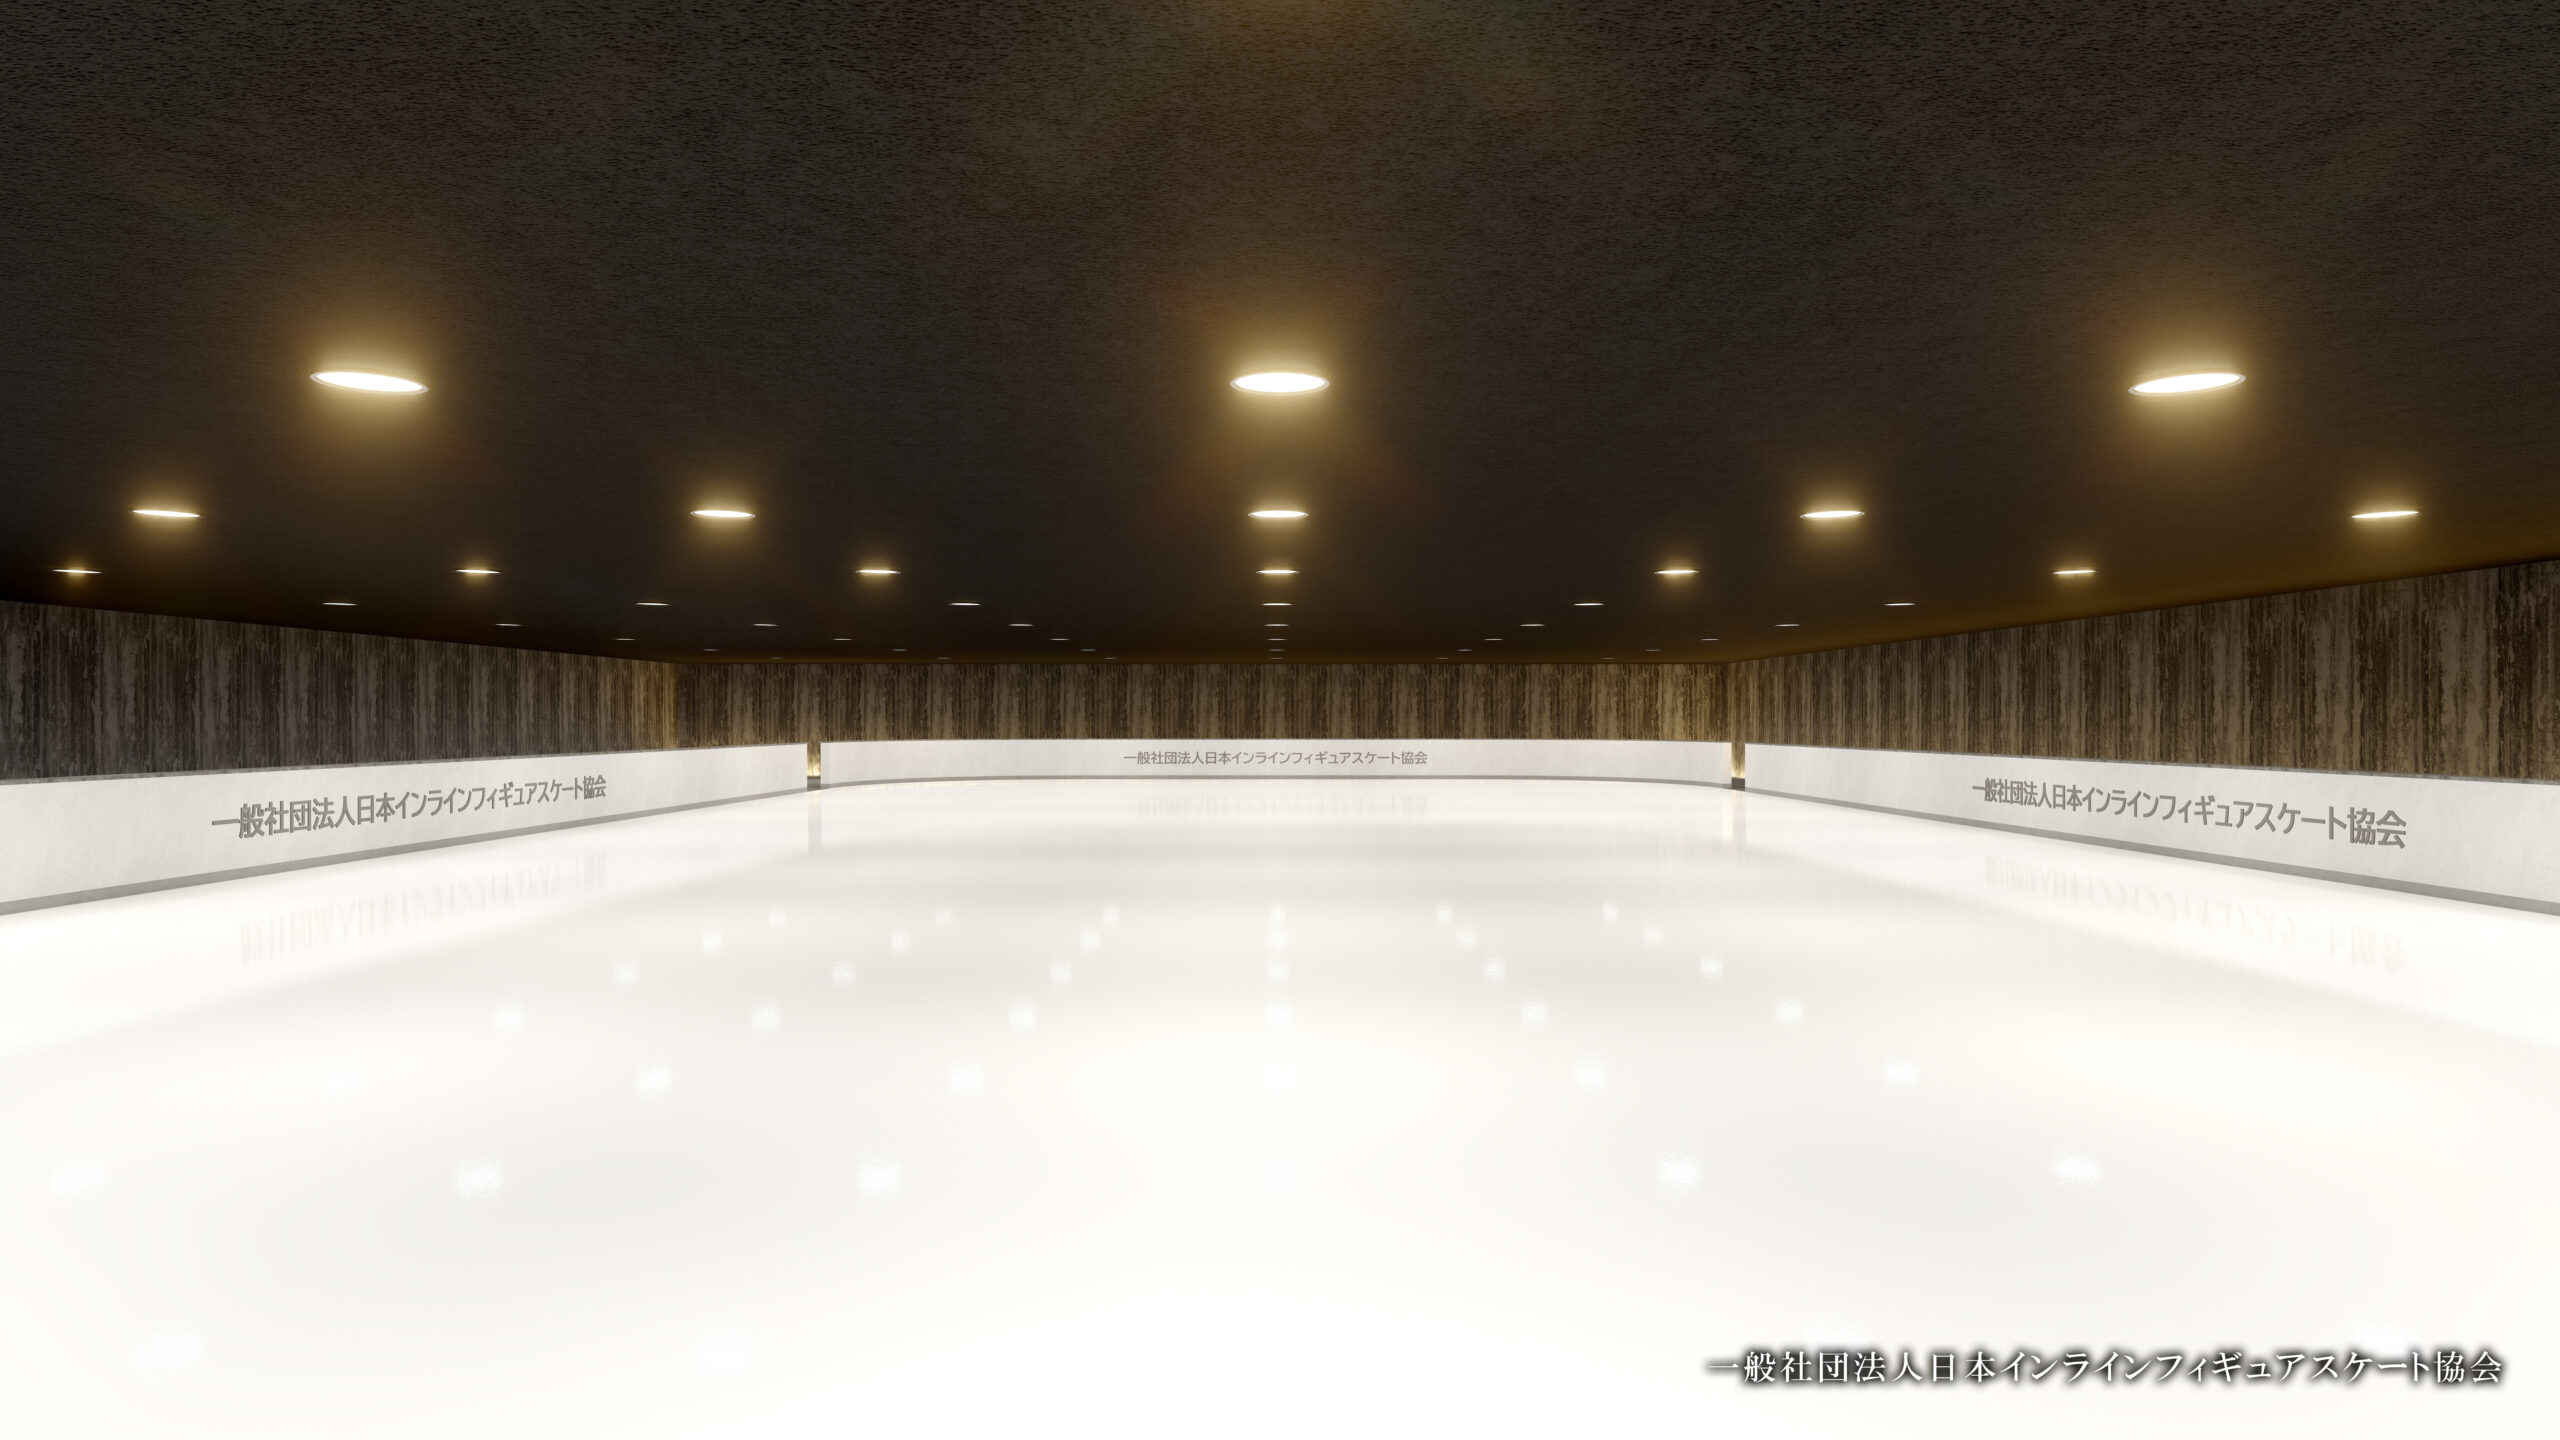 一般社団法人日本インラインフィギュアスケート協会 JIFSA インラインフィギュアスケート協会 インラインフィギュア インラインフィギュアスケート